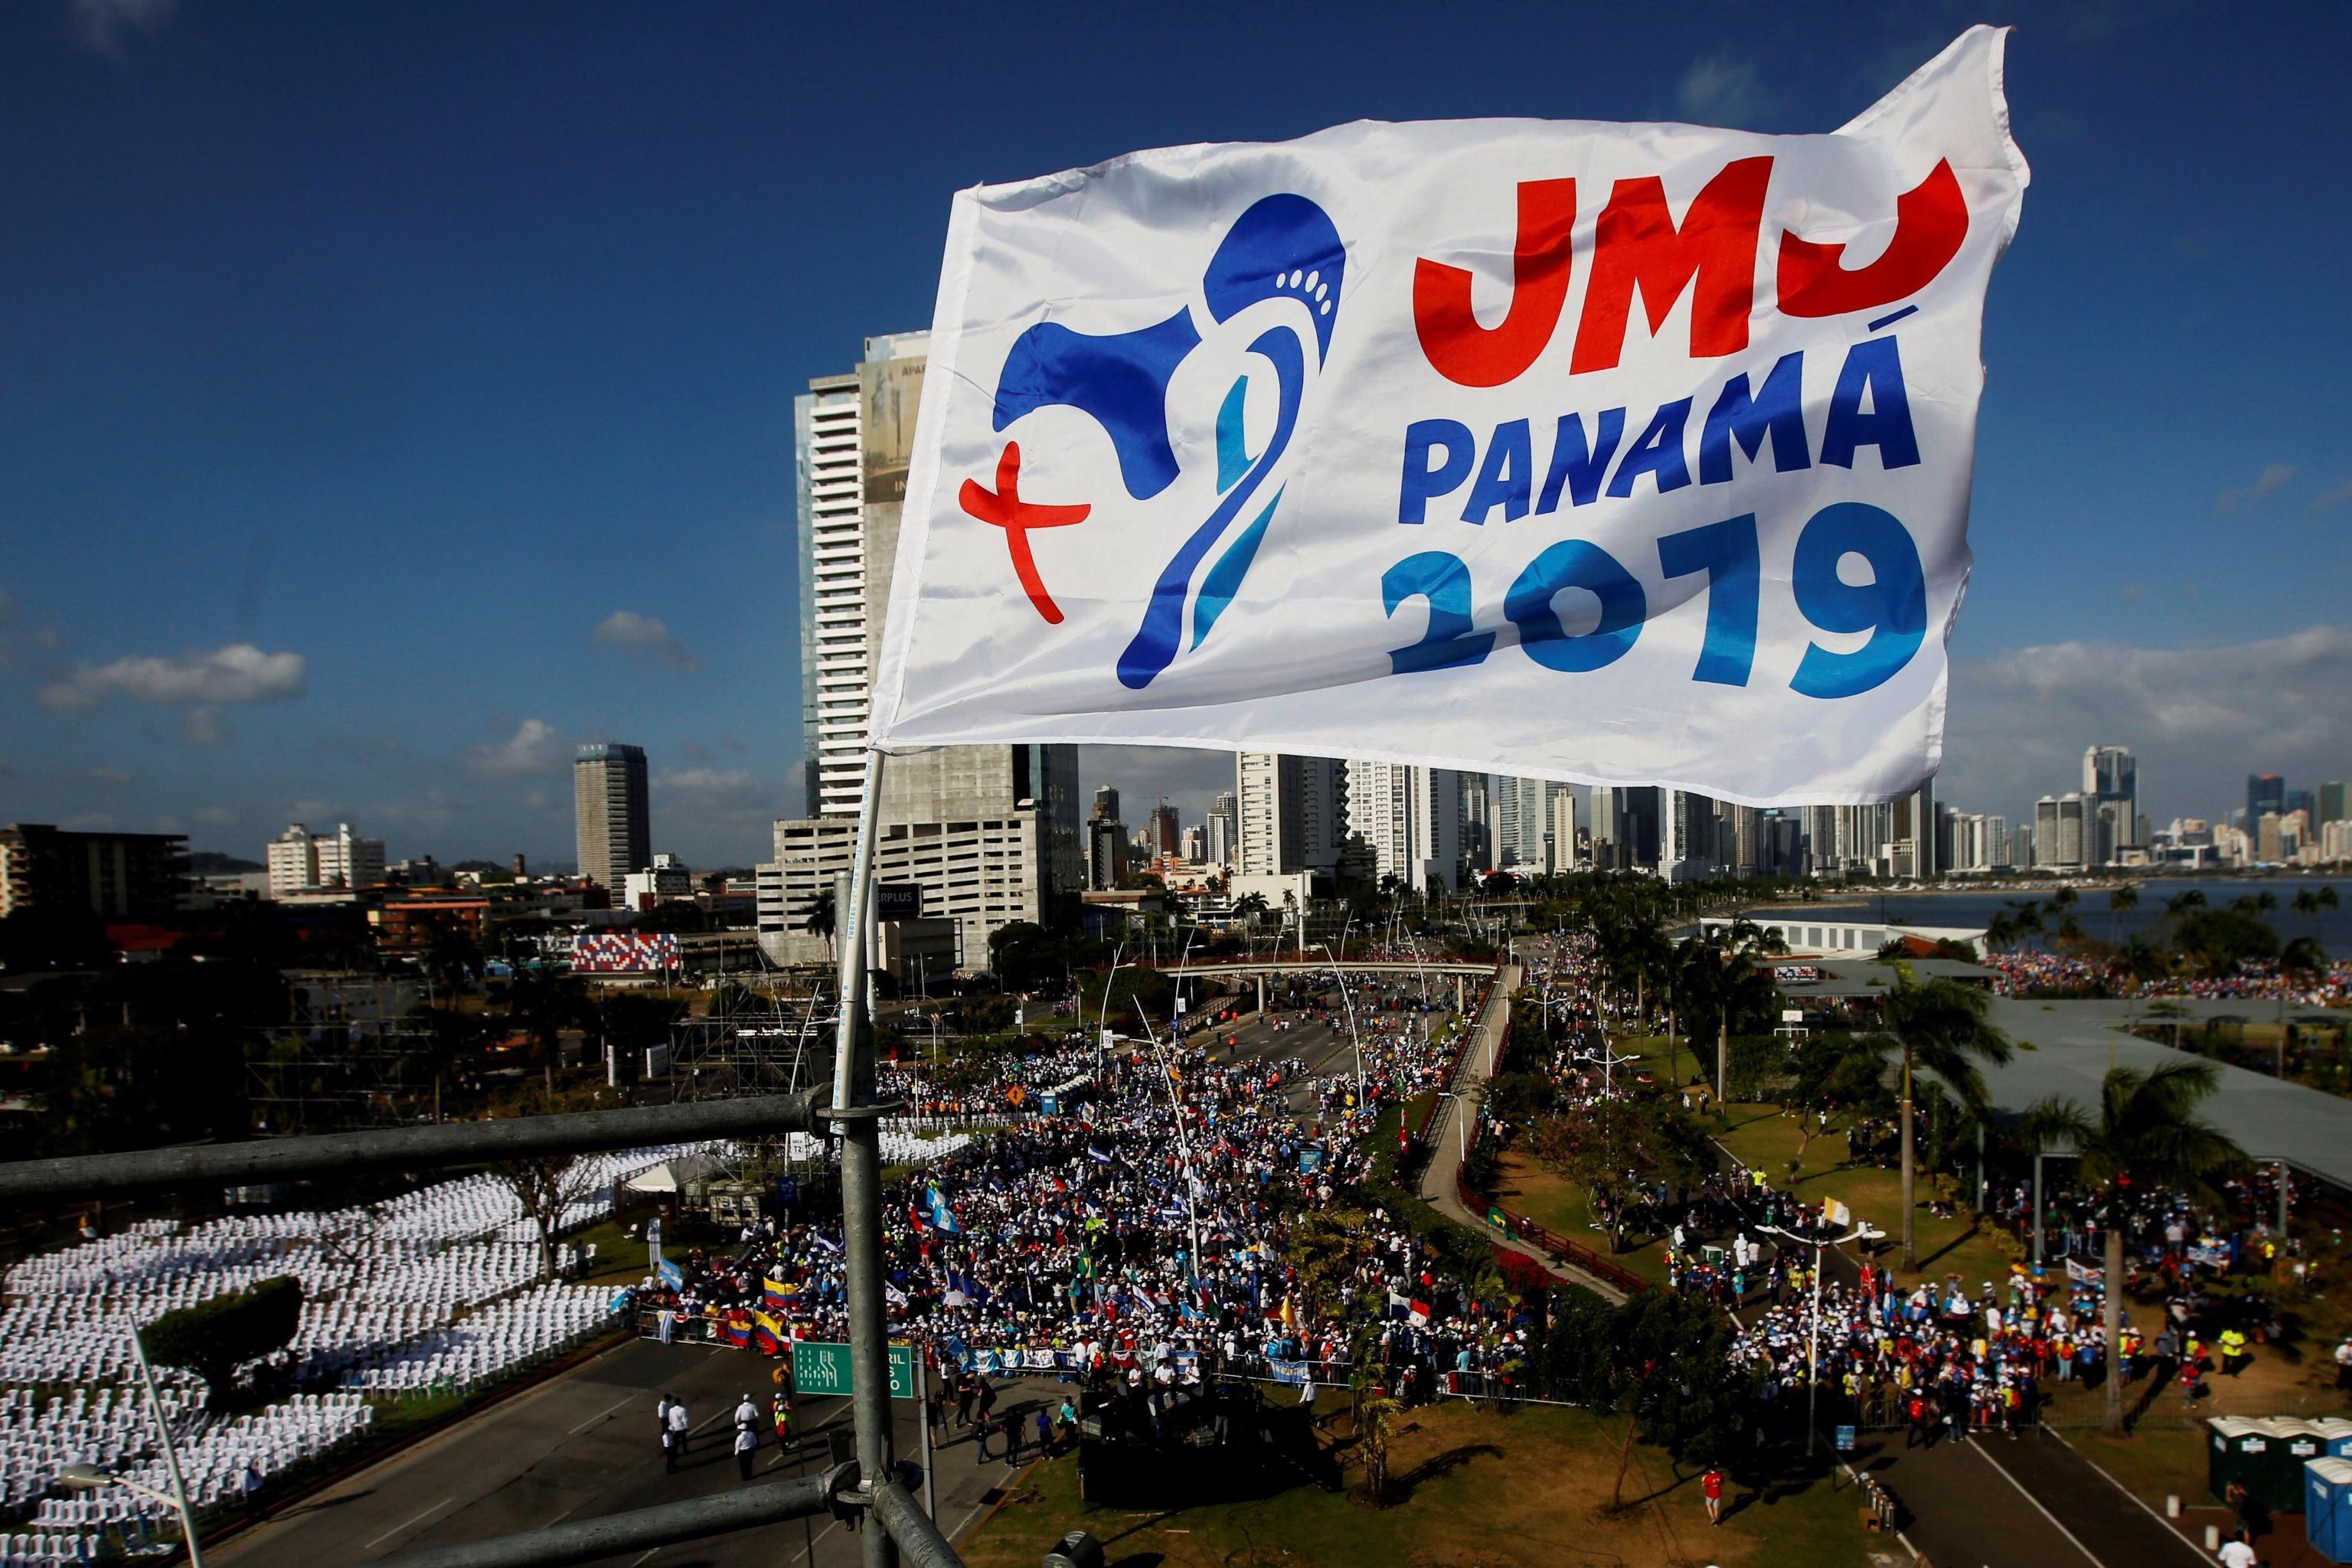 Il logo dell'evento di quest'anno è stato disegnato da una studentessa panamense di architettura. Maria è vista come mezzo per conoscere Gesù, rappresentato con una croce. Nel logo sono stilizzati anche il canale, uno dei simboli del Paese, e cinque puntini bianchi che simboleggiano i pellegrini provenienti dai cinque continenti